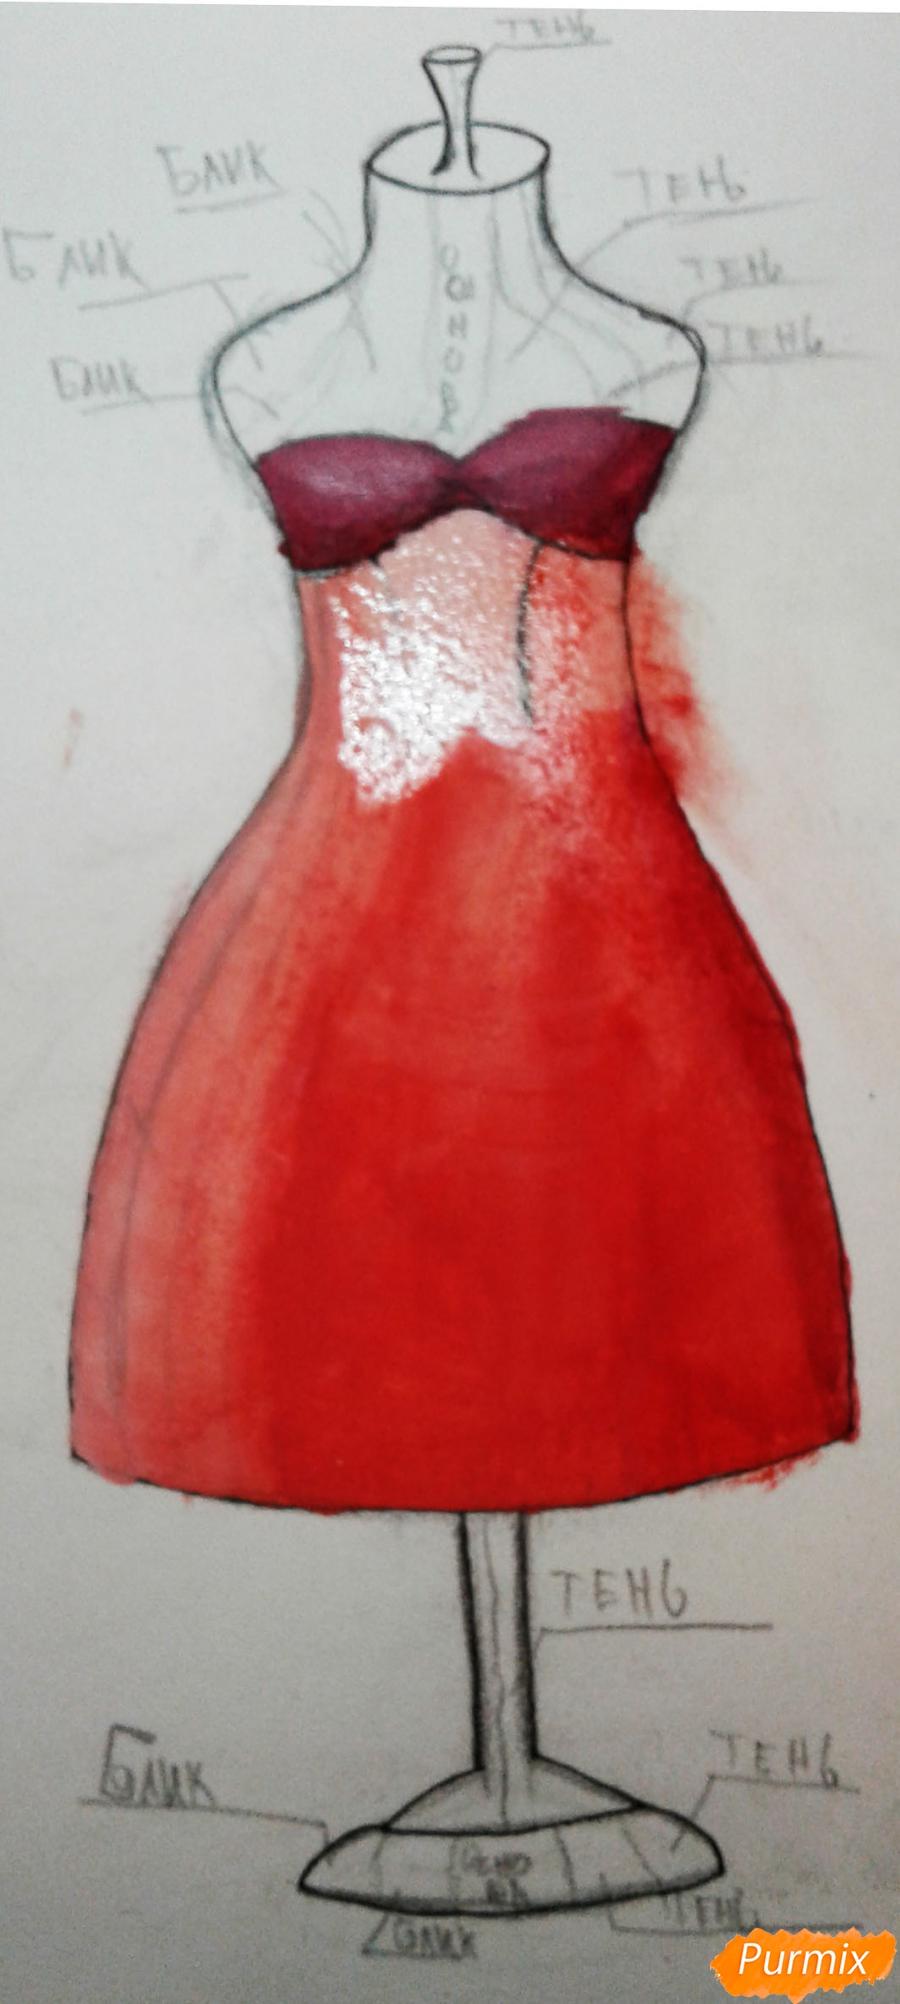 Рисуем и раскрасить платье на манекене акварелью - фото 6